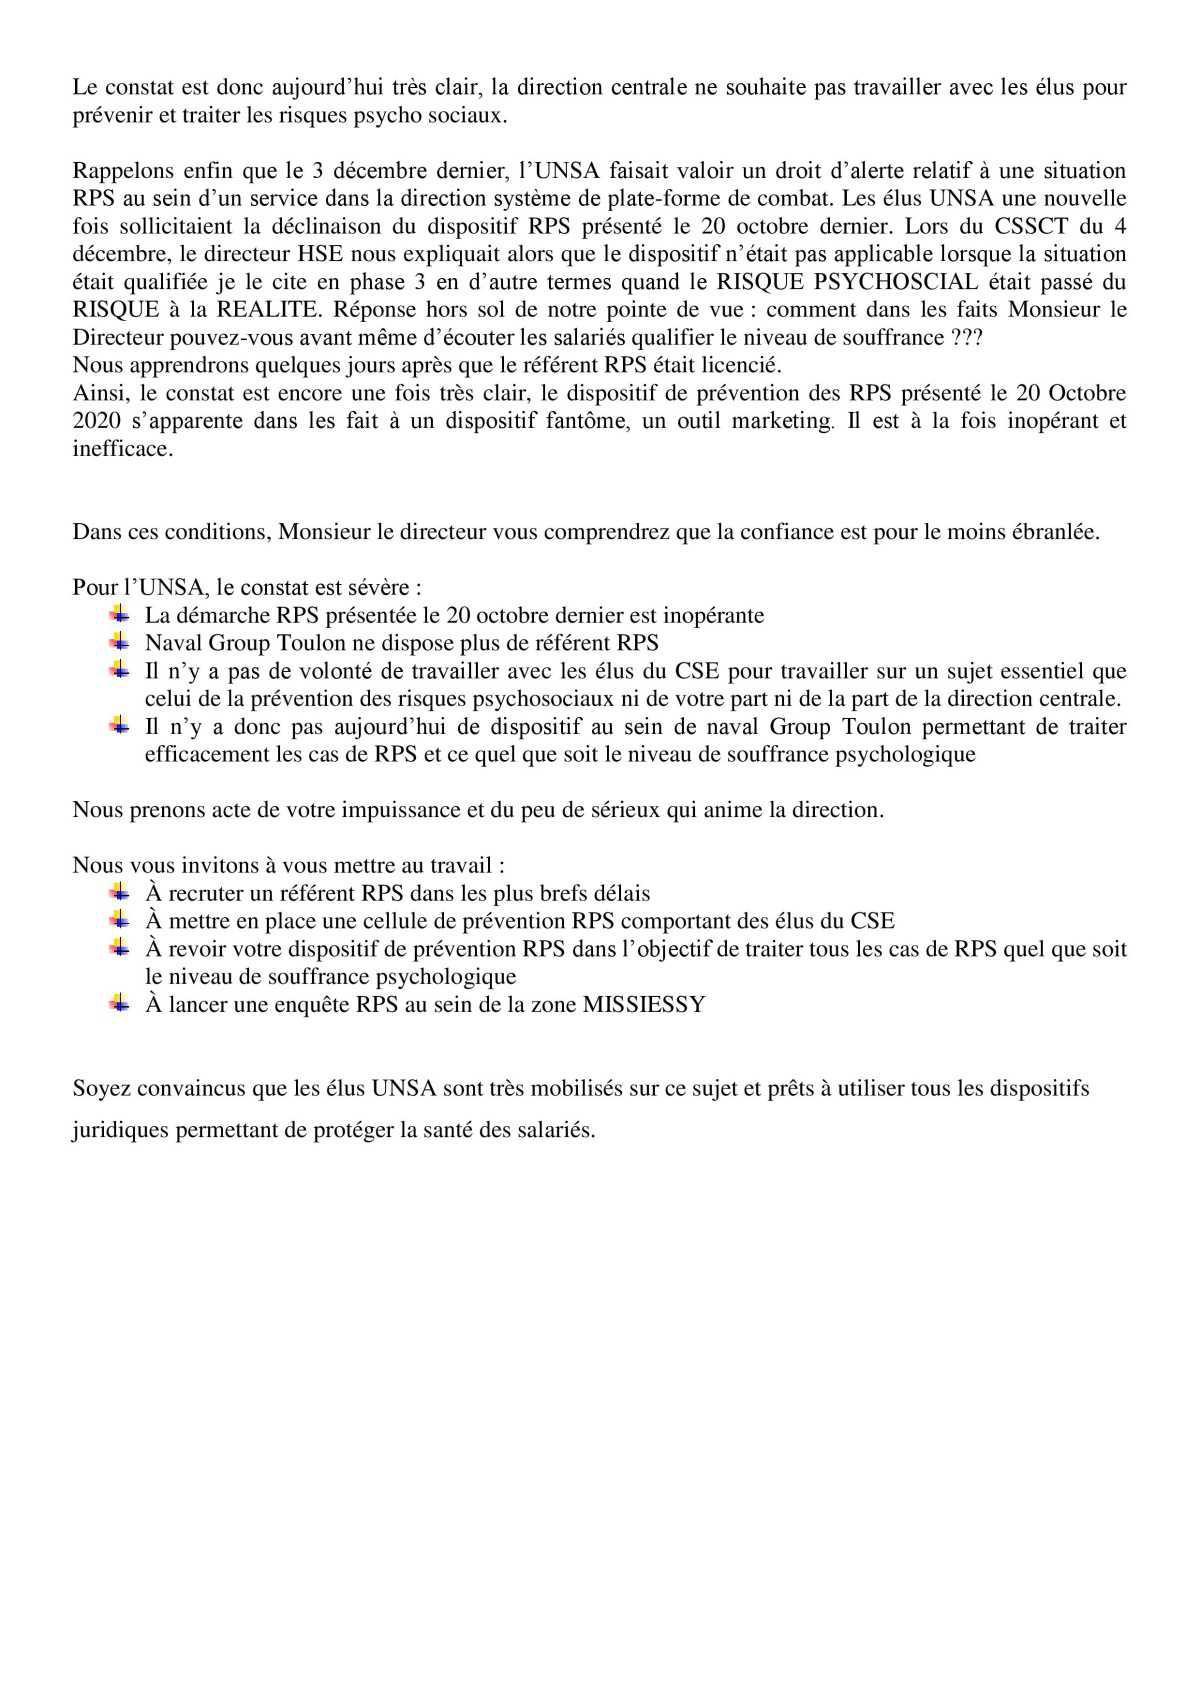 Réunion du 12 janvier 2021 - Déclaration Liminaire